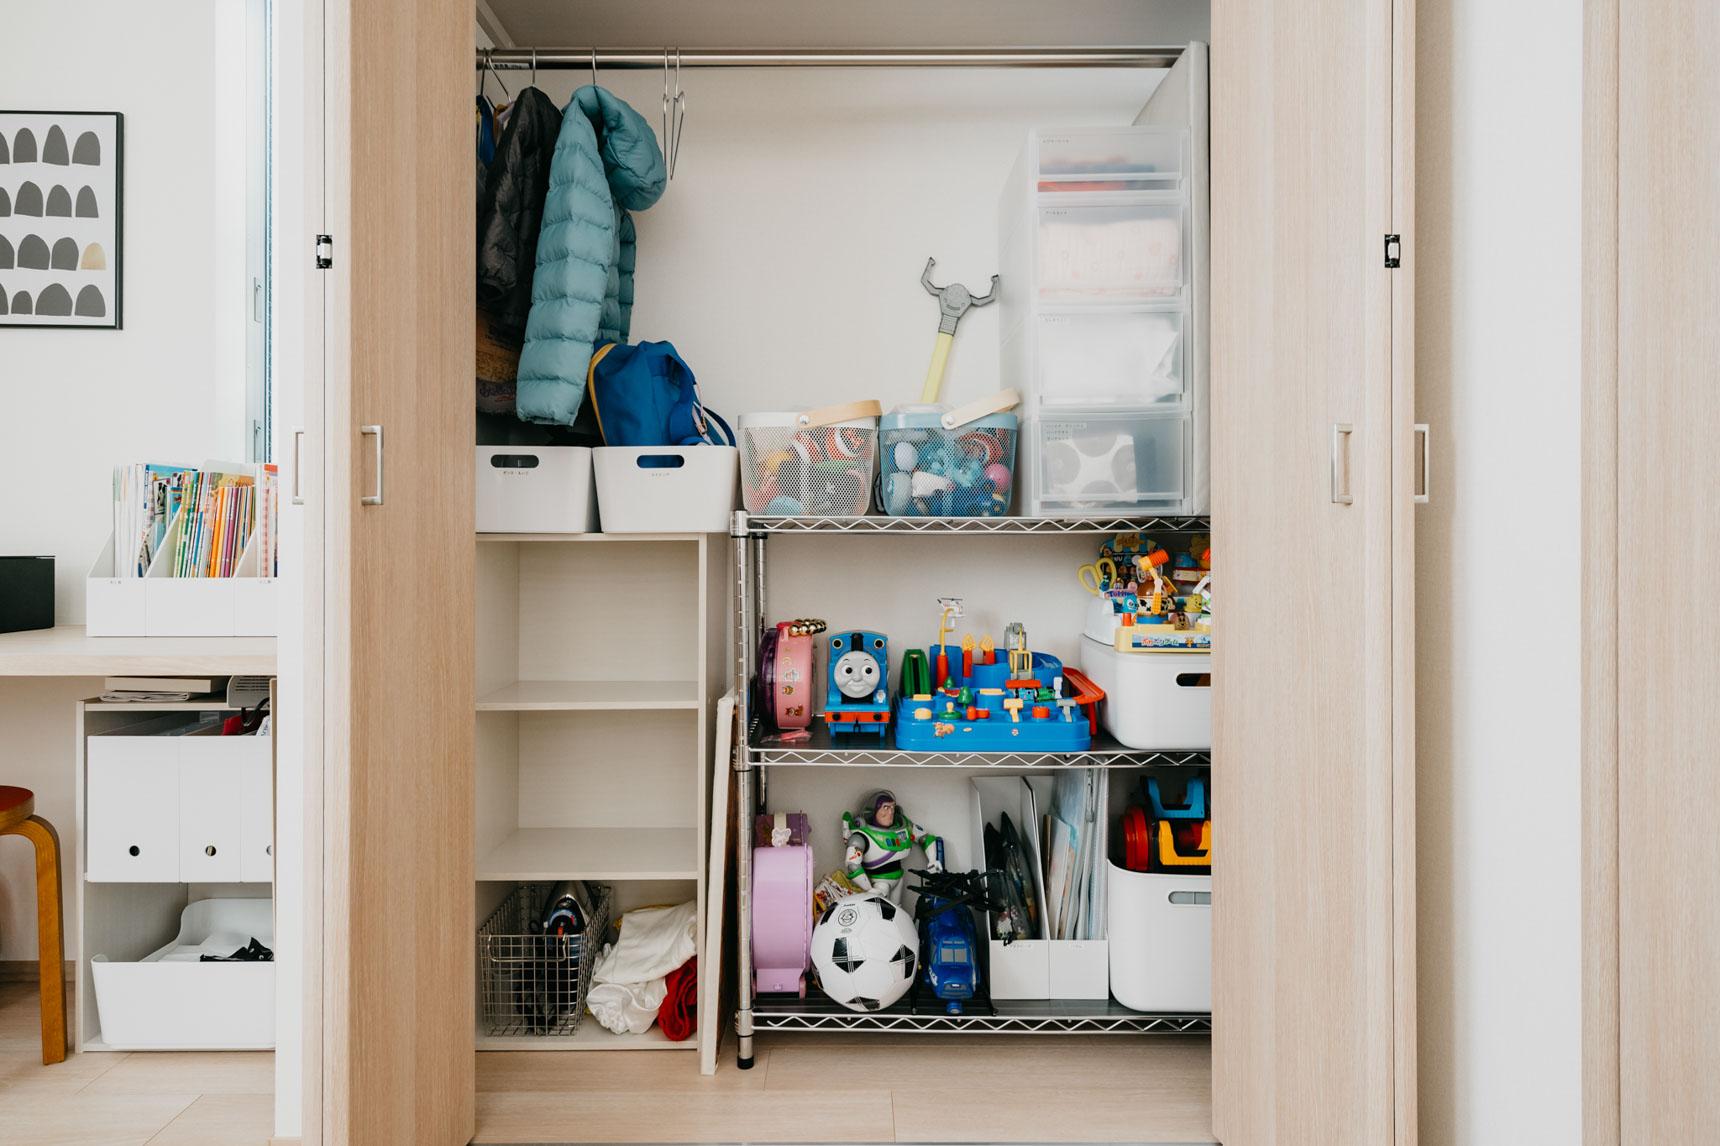 子どもたちのための収納も、綺麗に片付けられていました。左側、2段空いているスペースは、幼稚園から帰ってきたらカバンをしまう場所。